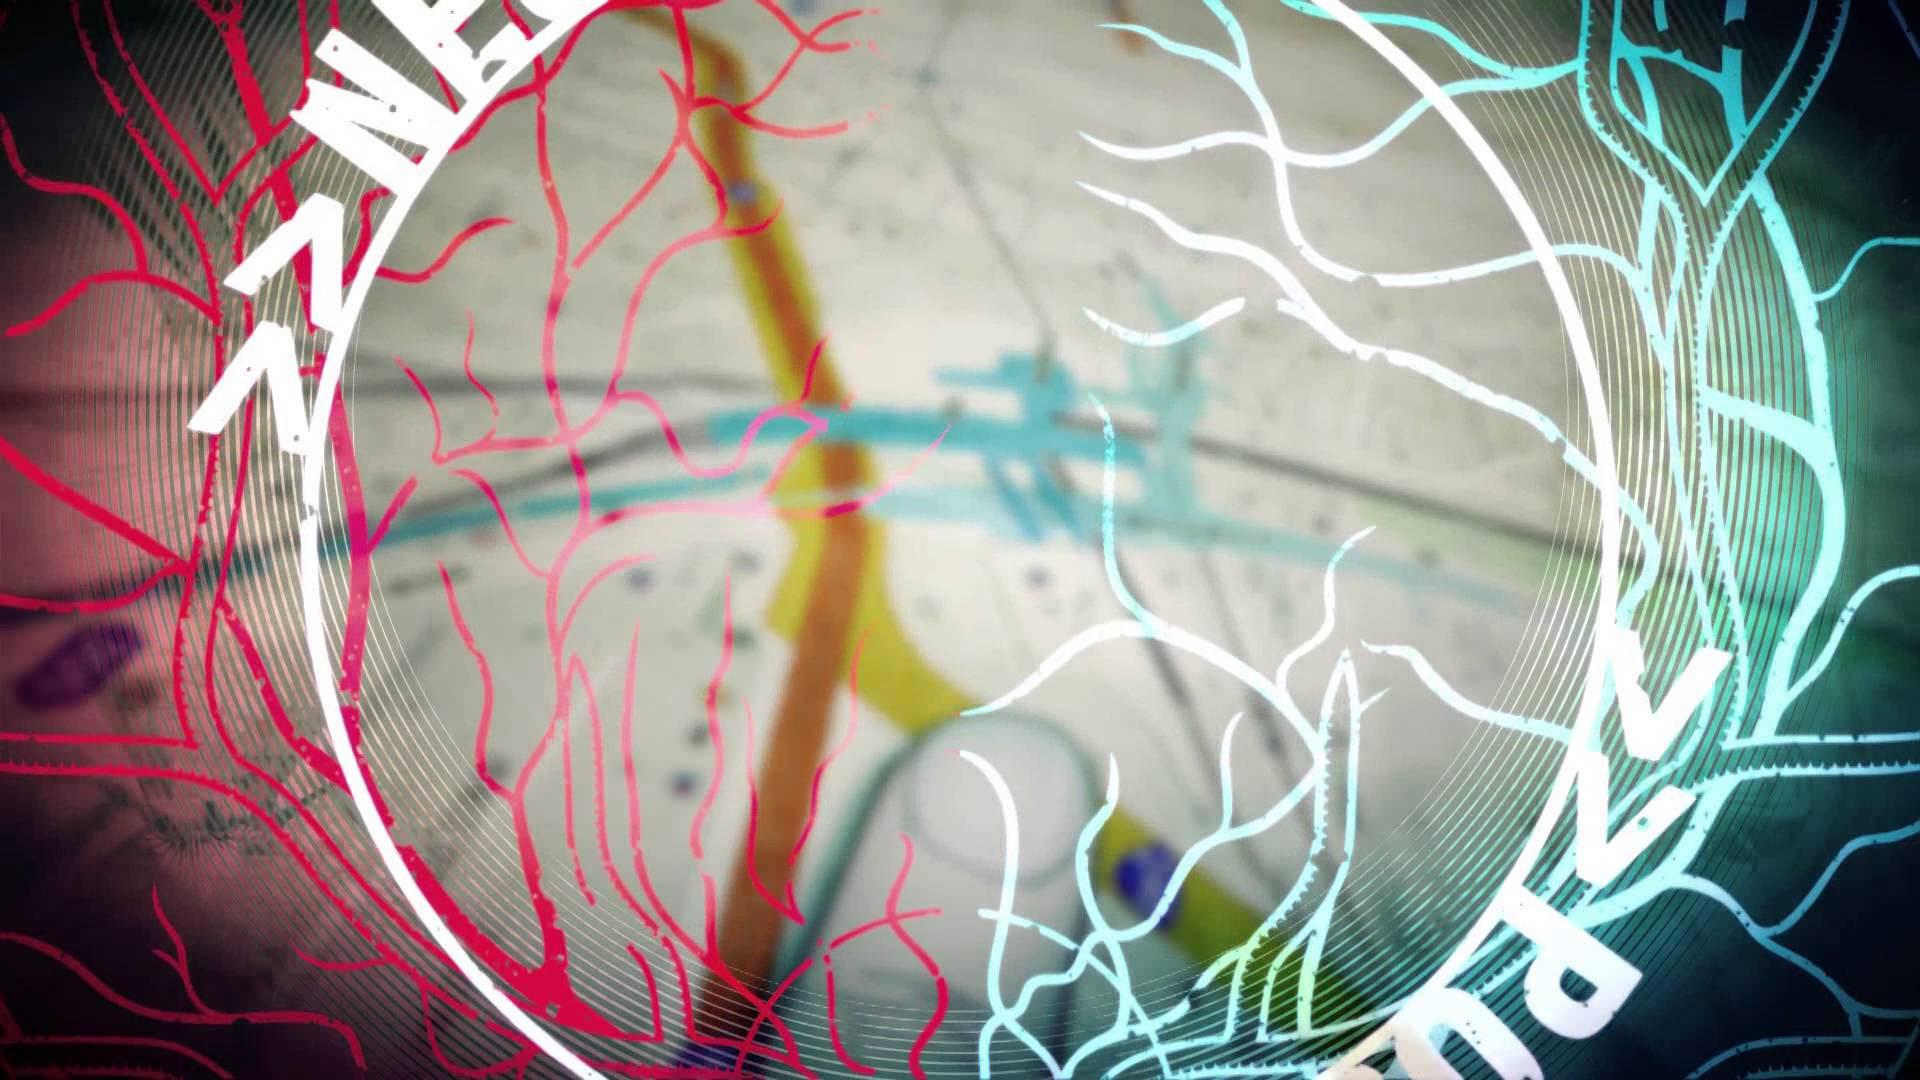 科学ADVシリーズ第4弾『カオスチャイルド』オープニングムービー